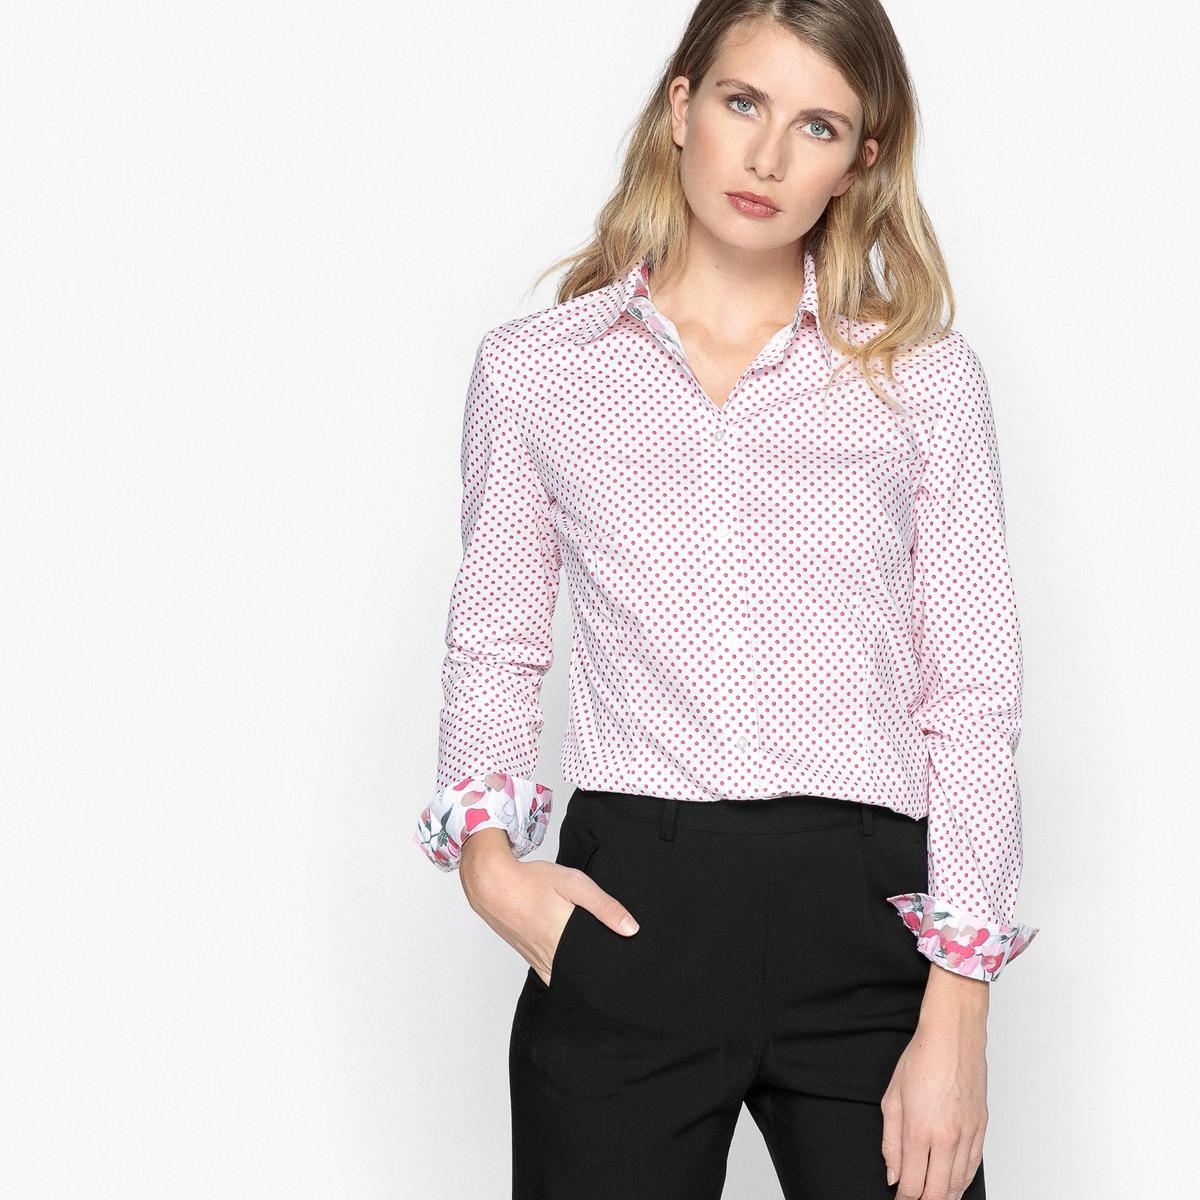 Блузка с рубашечным воротником и рисунком в горошек